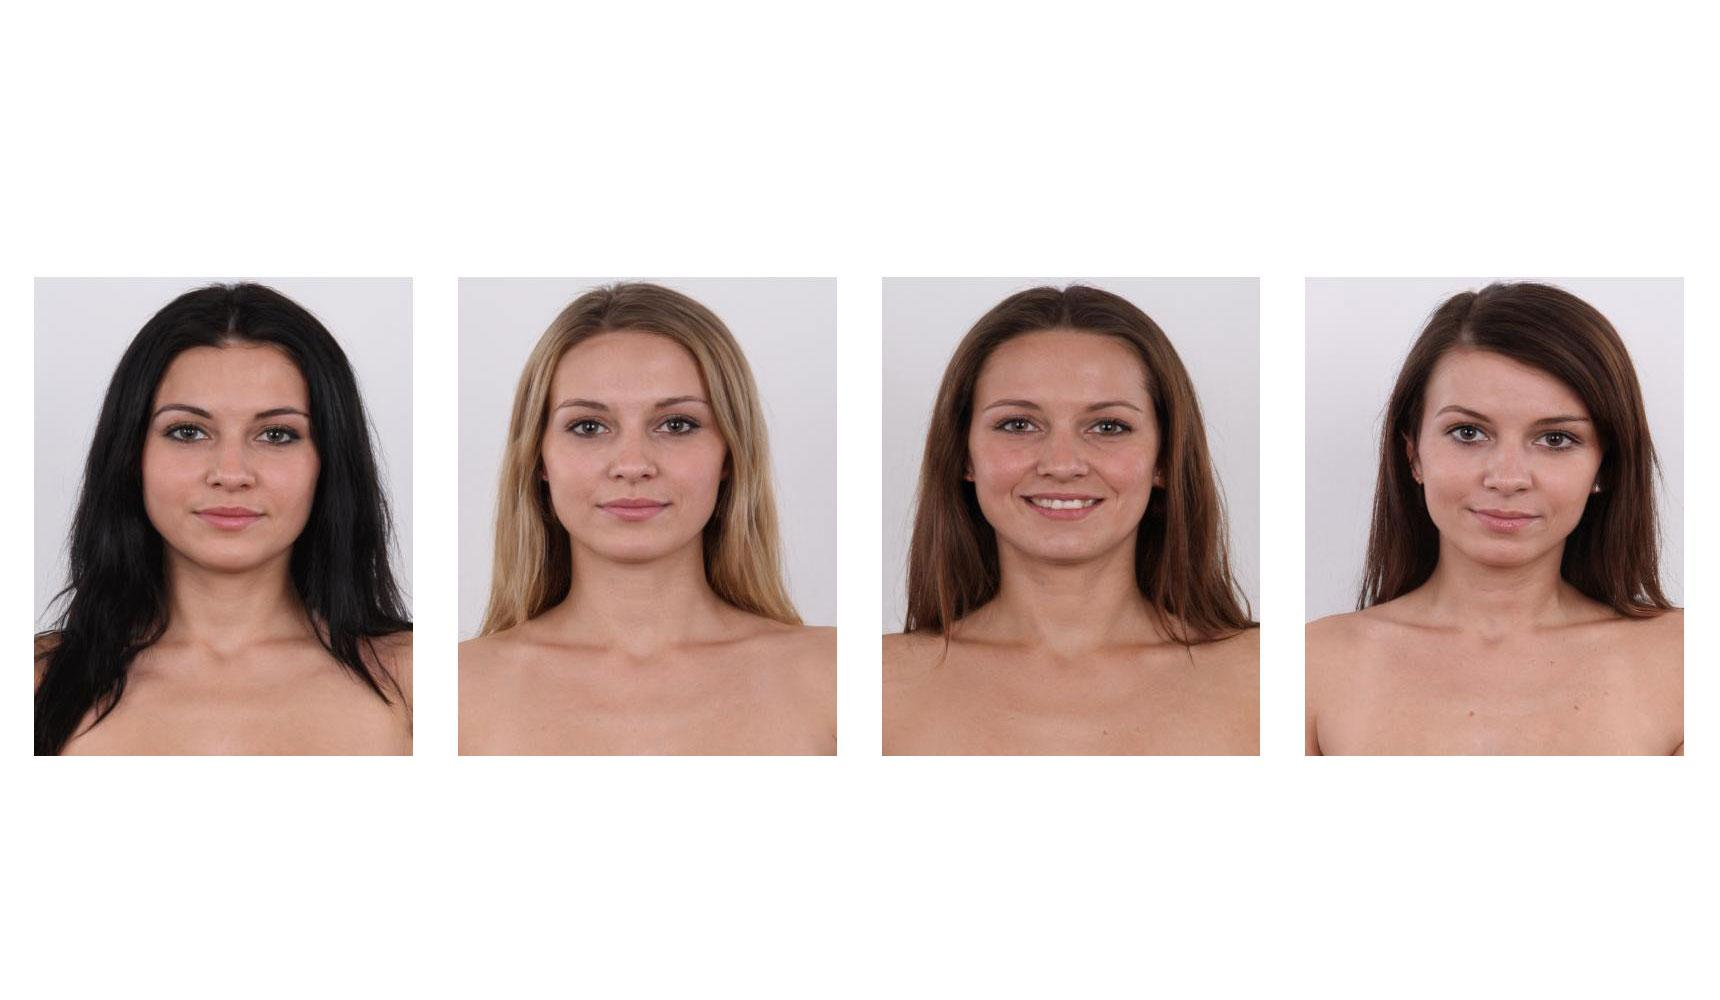 Сайт сИИгенерирует фото обнажённых женщин